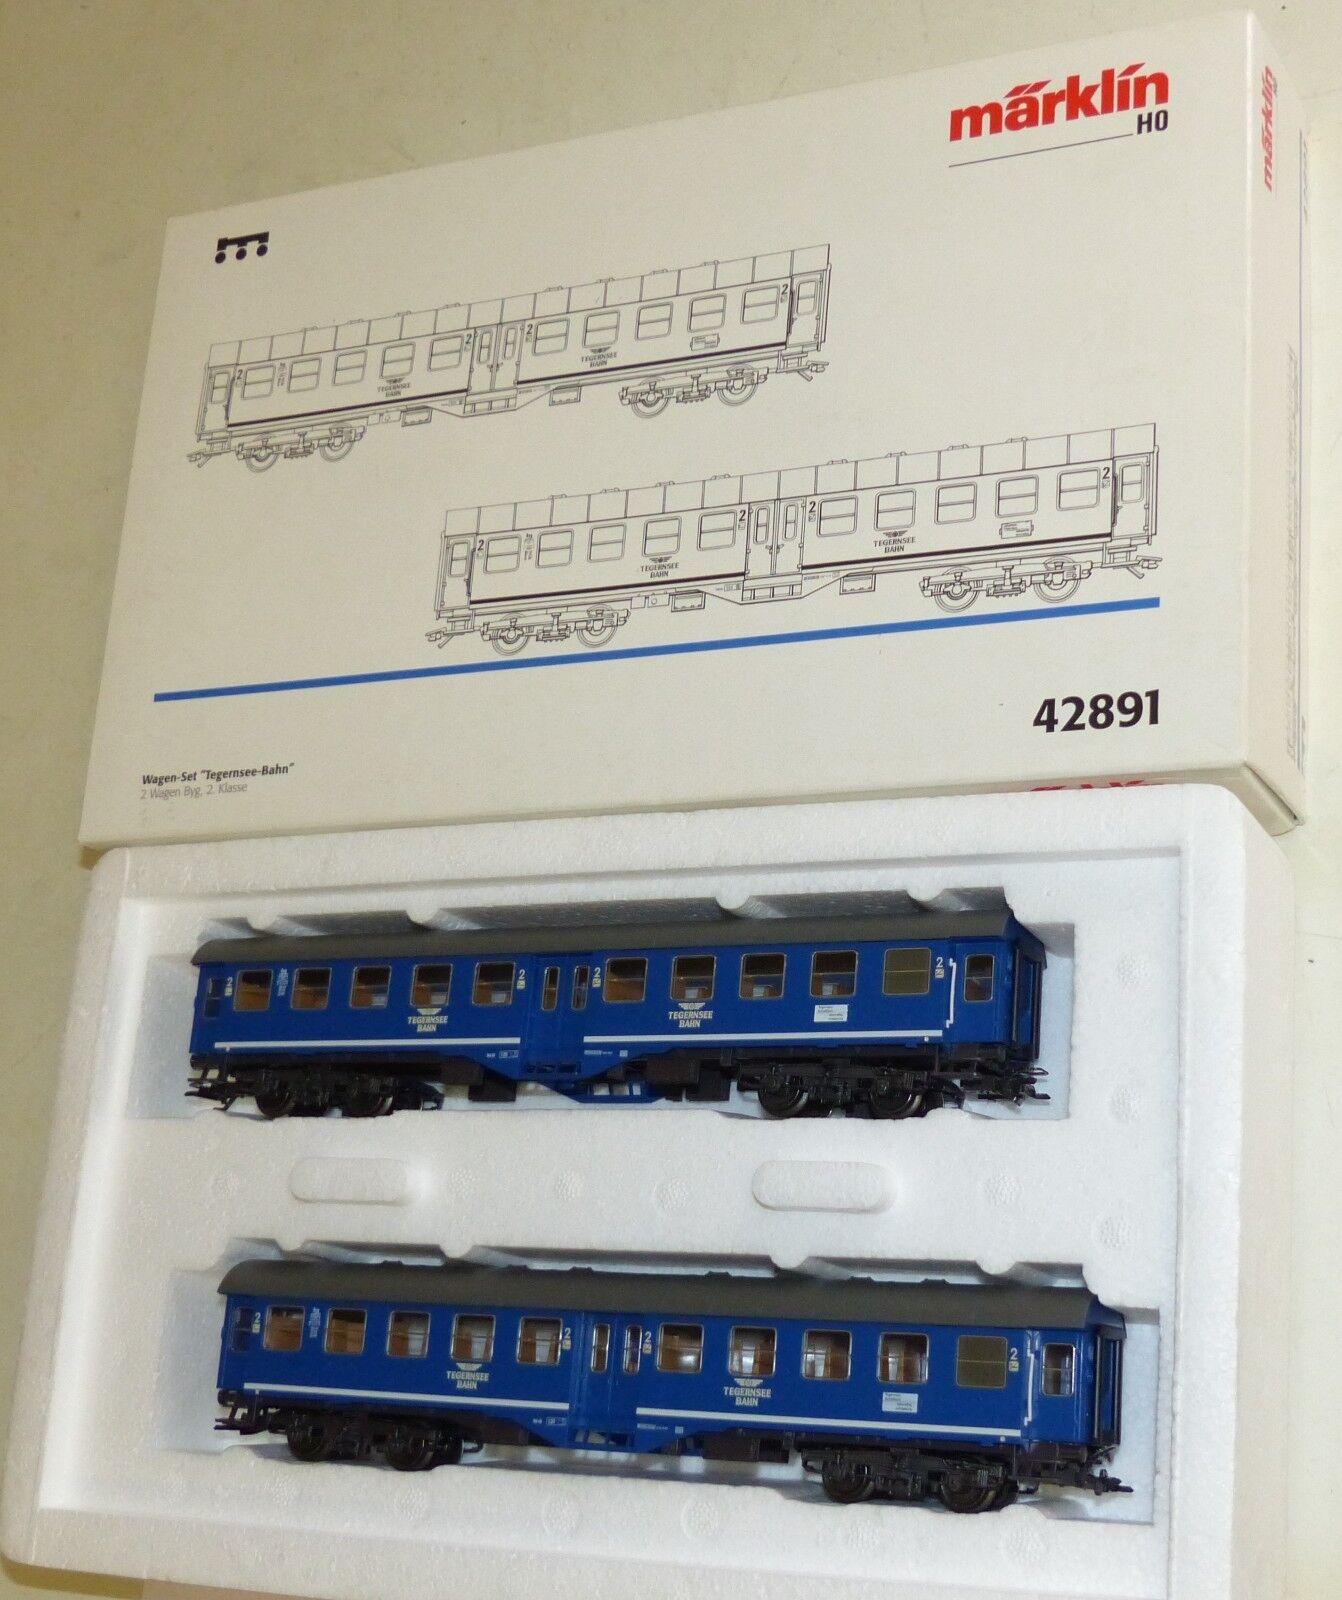 Märklin 42891 Wagen Set Tegernsee Bahn Byg 1 87 TOP Zustand  OVP KKK